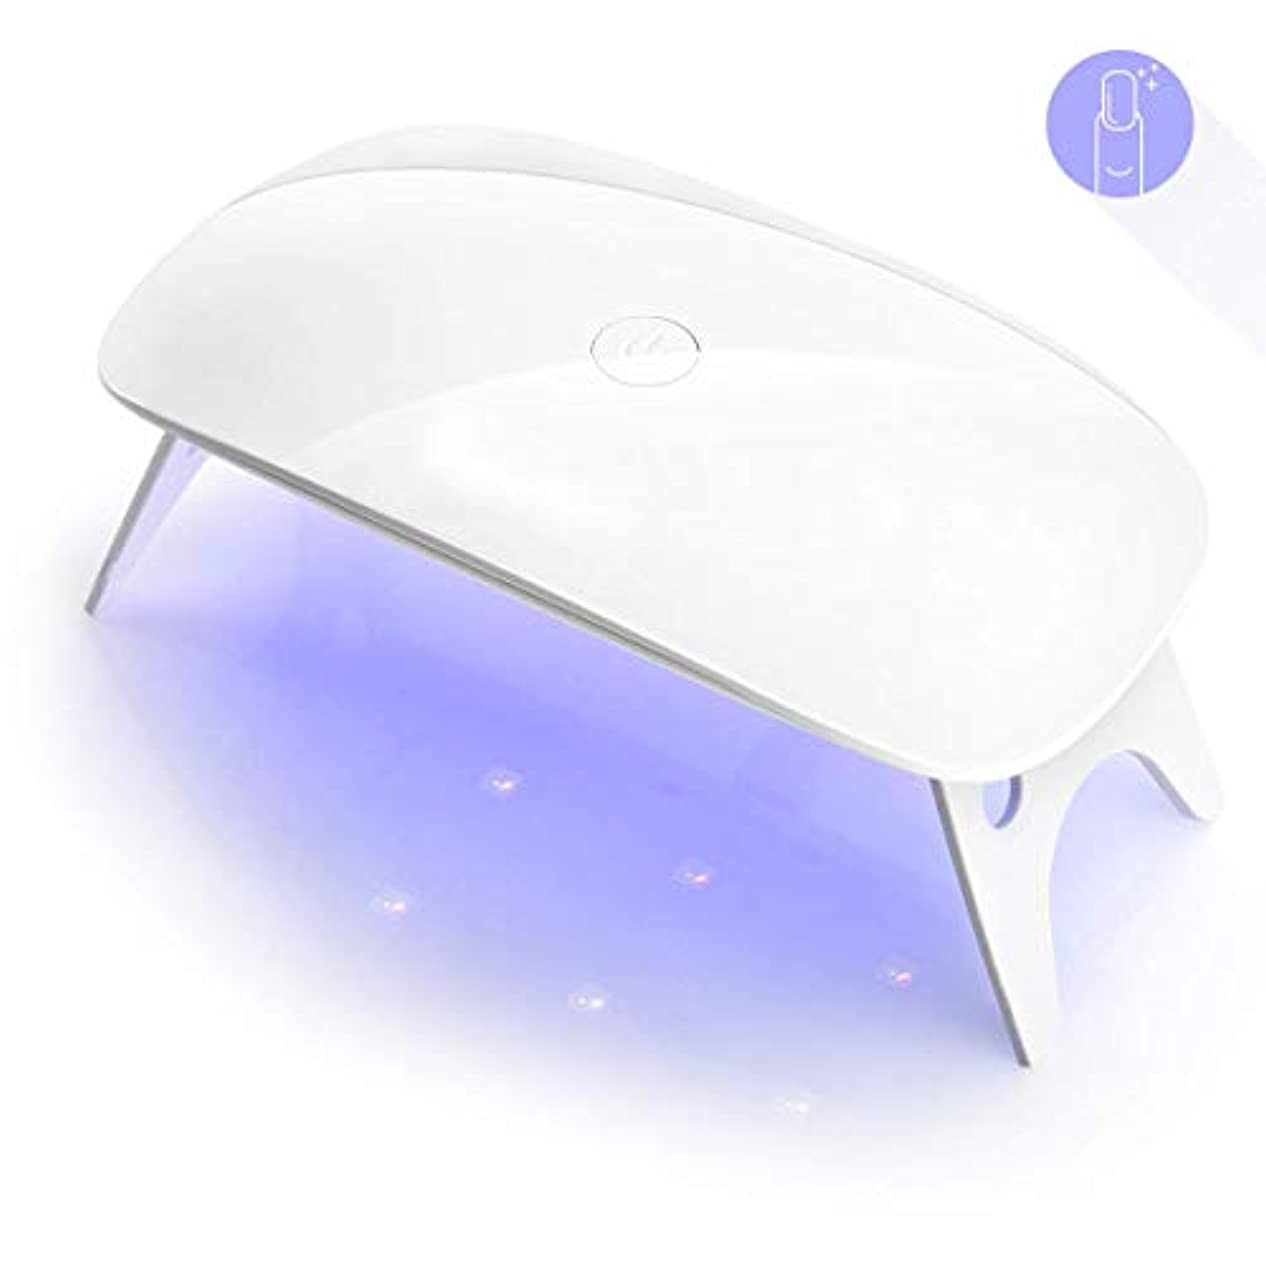 絶えず軽く話すZMiw LEDネイルドライヤー UVライト タイマー設定可能 折りたたみ式手足とも使える 人感センサー式 LED 硬化ライト UV と LEDダブルライト ジェルネイル用 ホワイト (white)